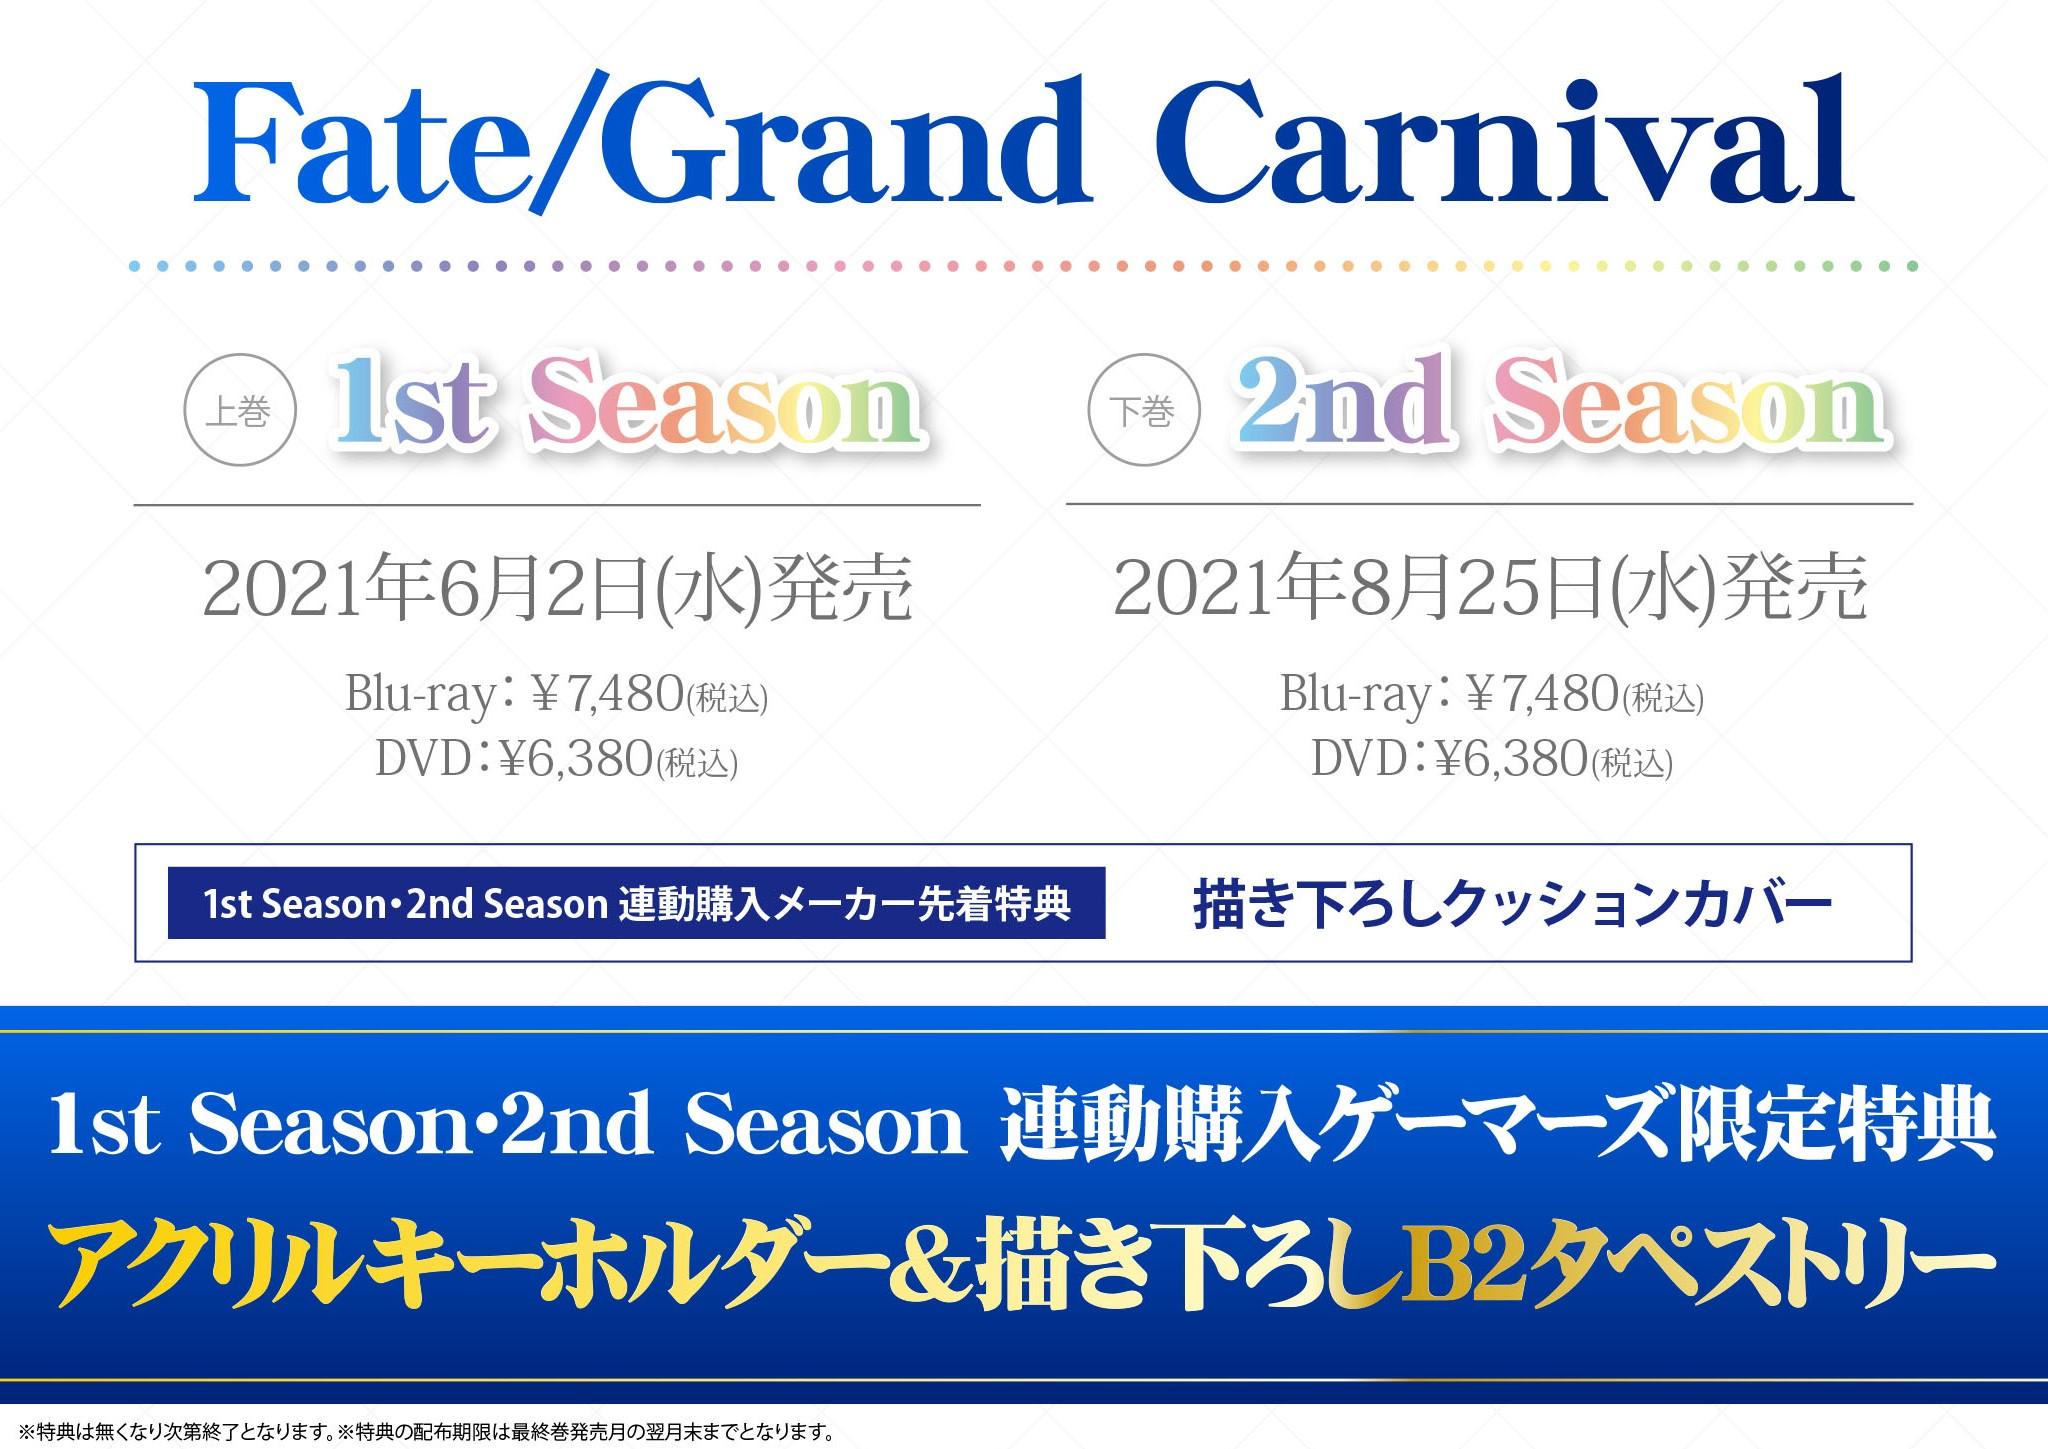 ゲーマーズ,店舗特典,Fate/Grand Carnival,Fate/Grand Order